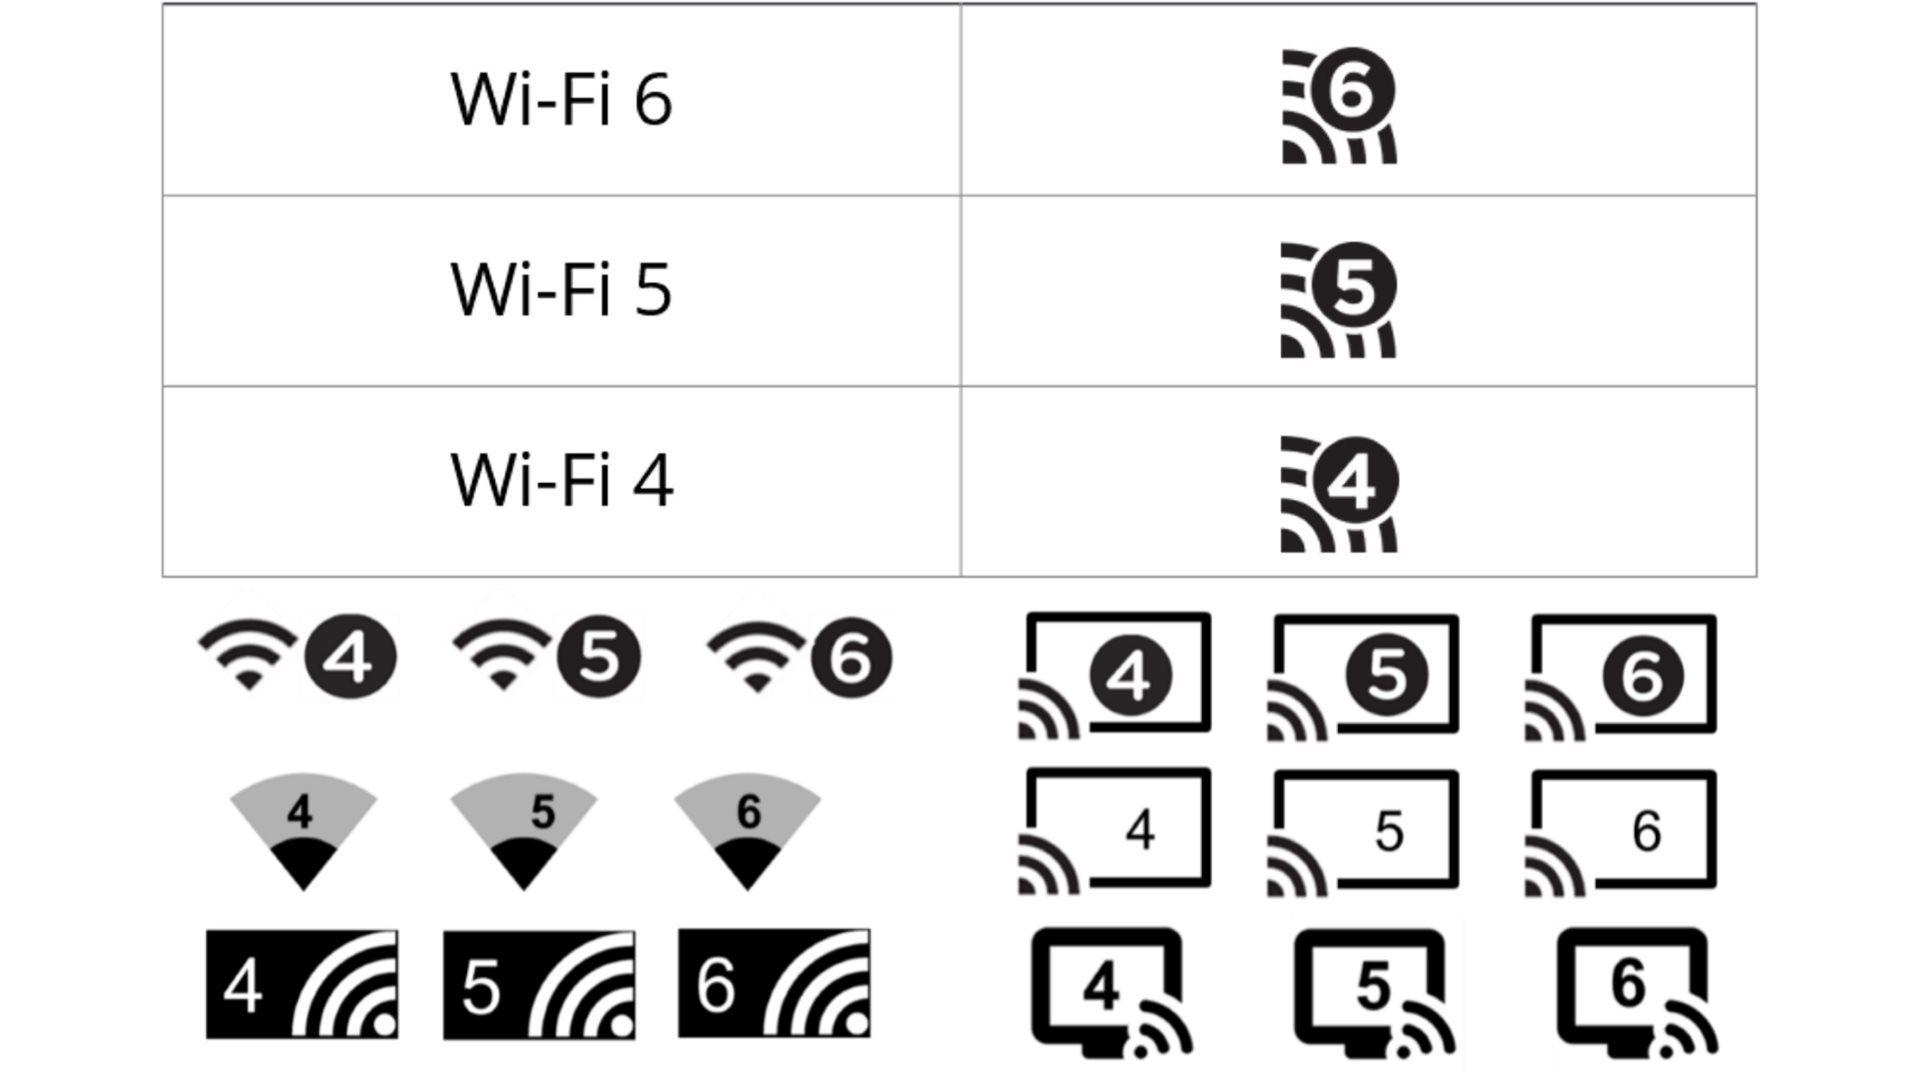 На иллюстрации изображены иконки для обозначения стандартов Wi-Fi в интерфейсах разных систем